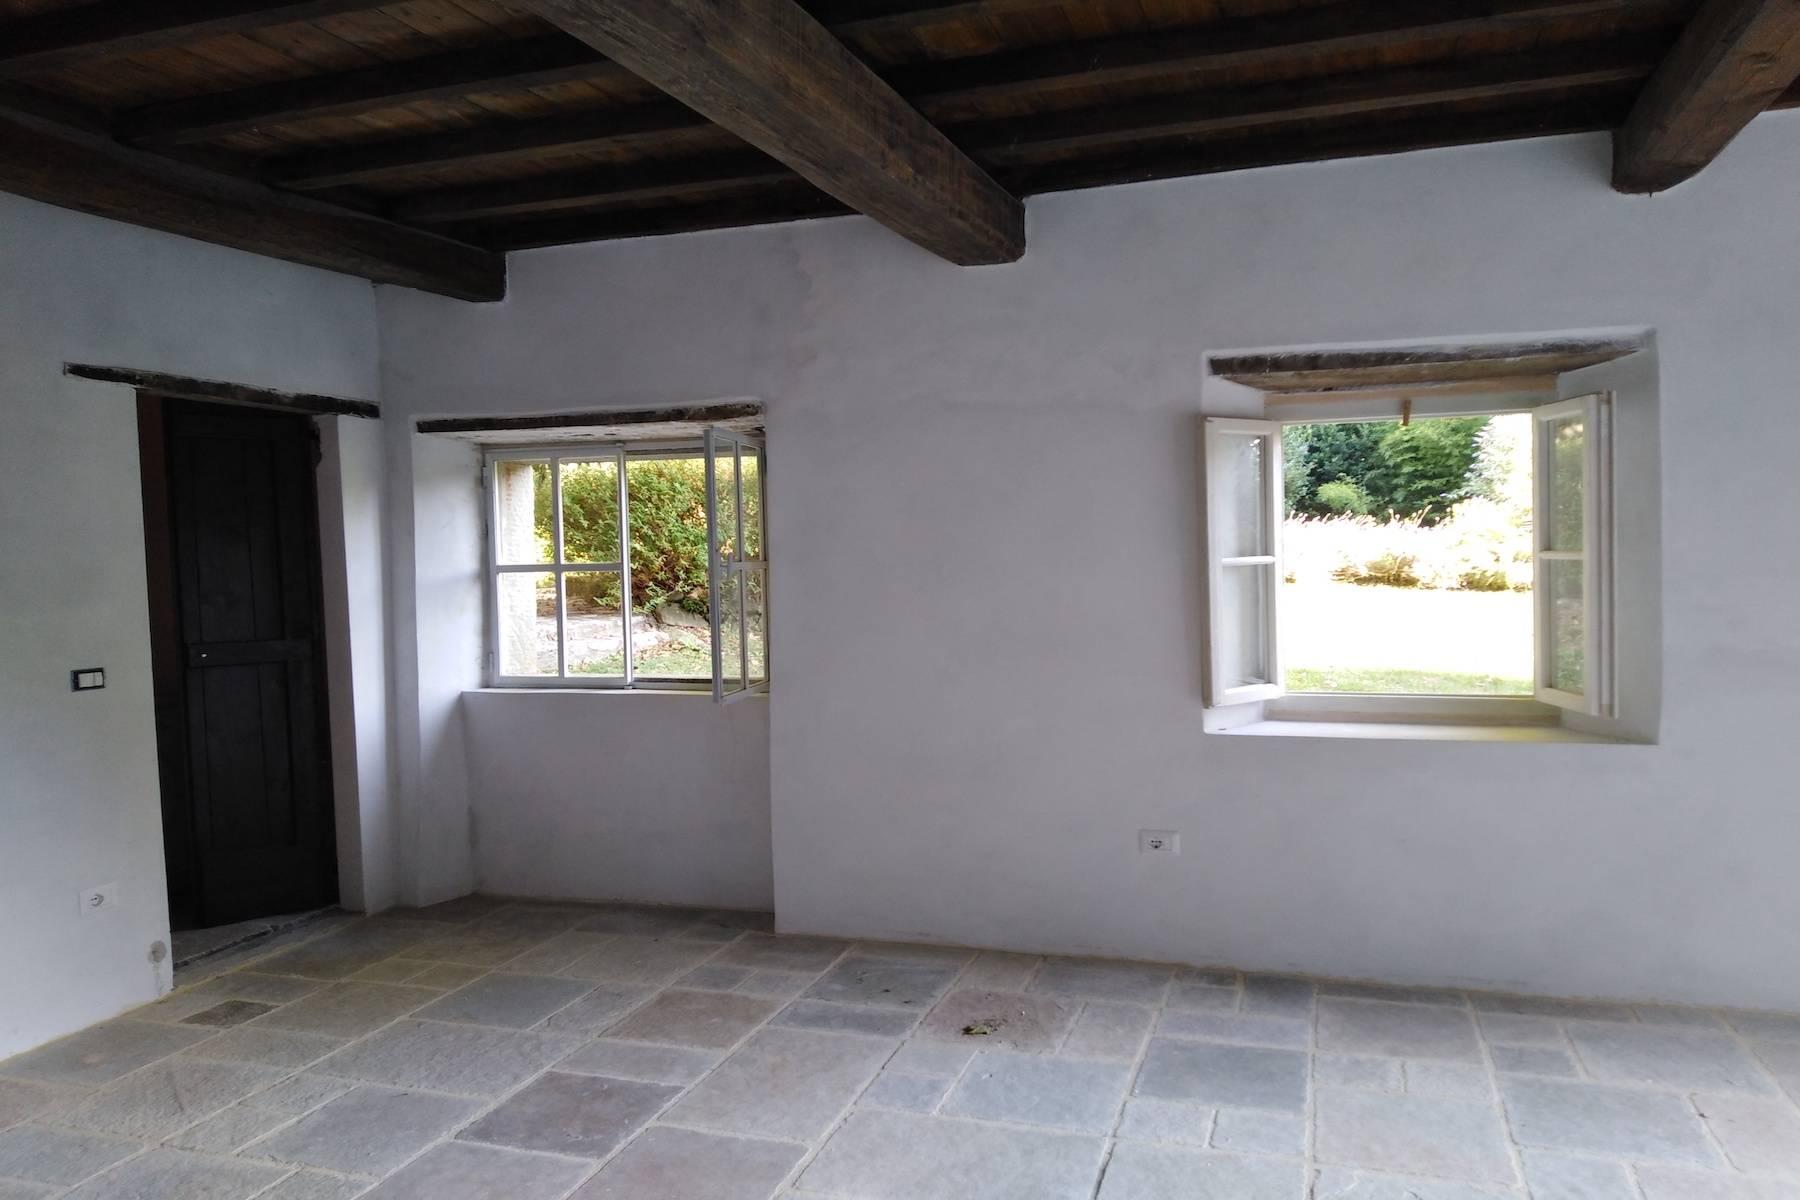 Rustico in Vendita a Coreglia Antelminelli: 5 locali, 420 mq - Foto 11